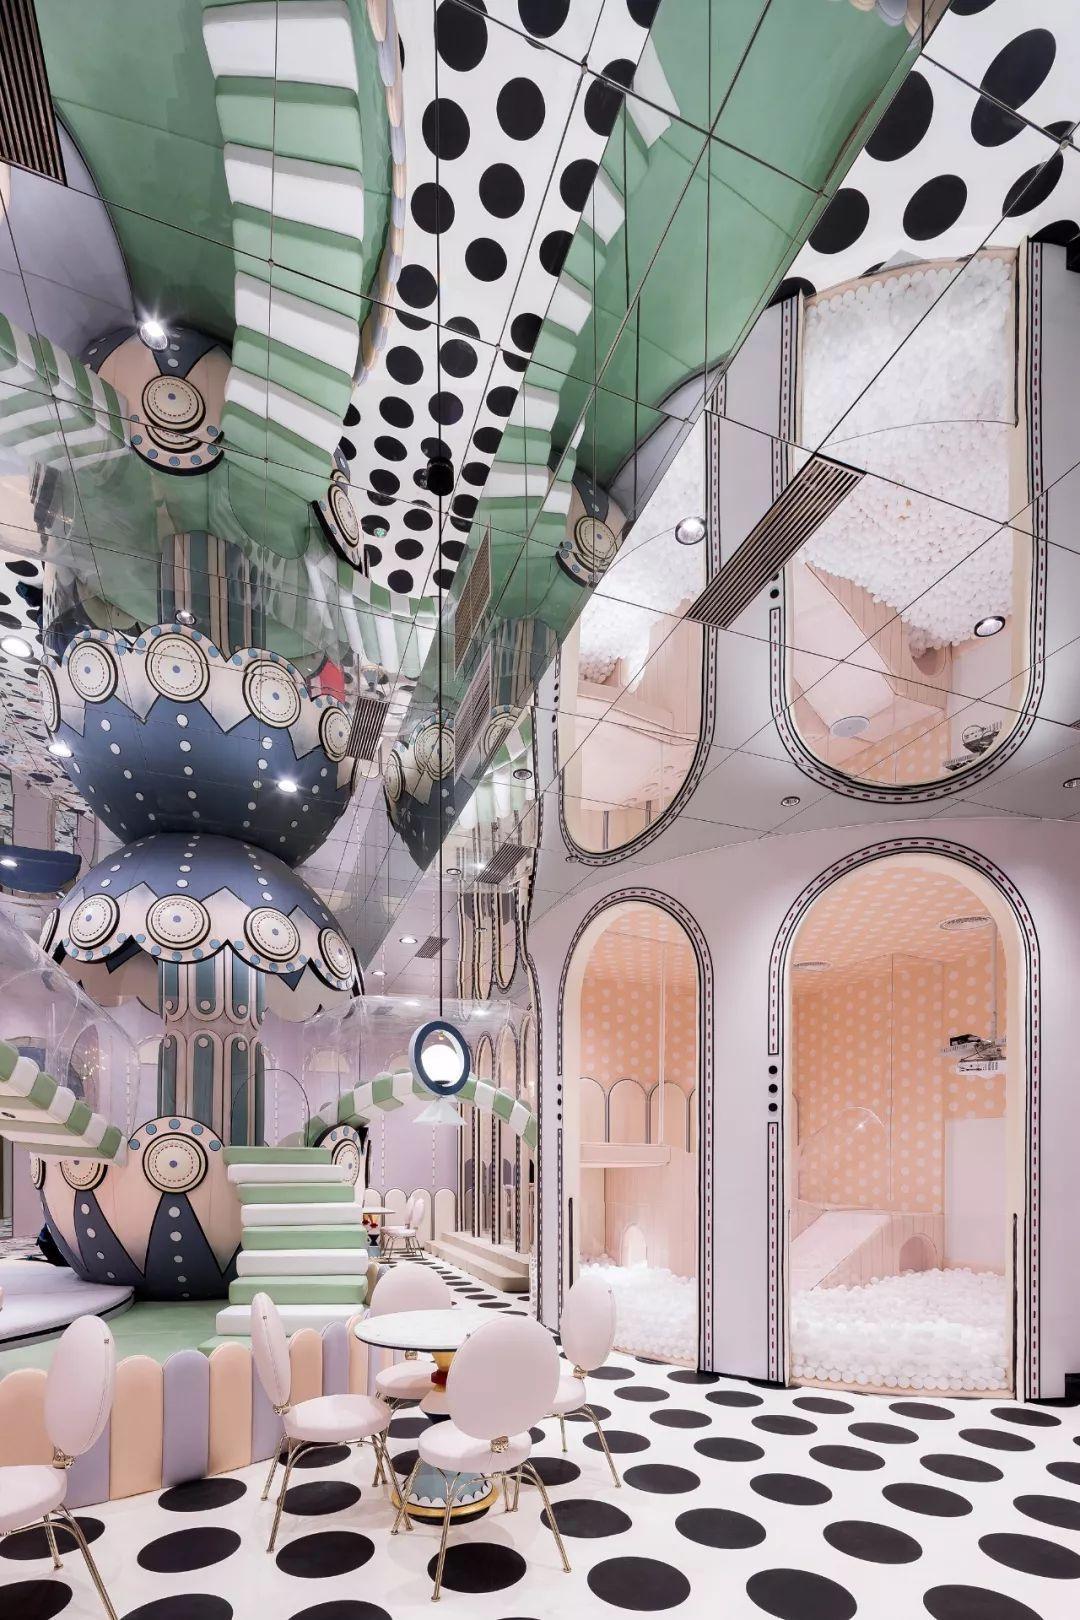 李想最新打造超美的奇幻城堡,如入仙境,惊艳苏州!|李想 - 71